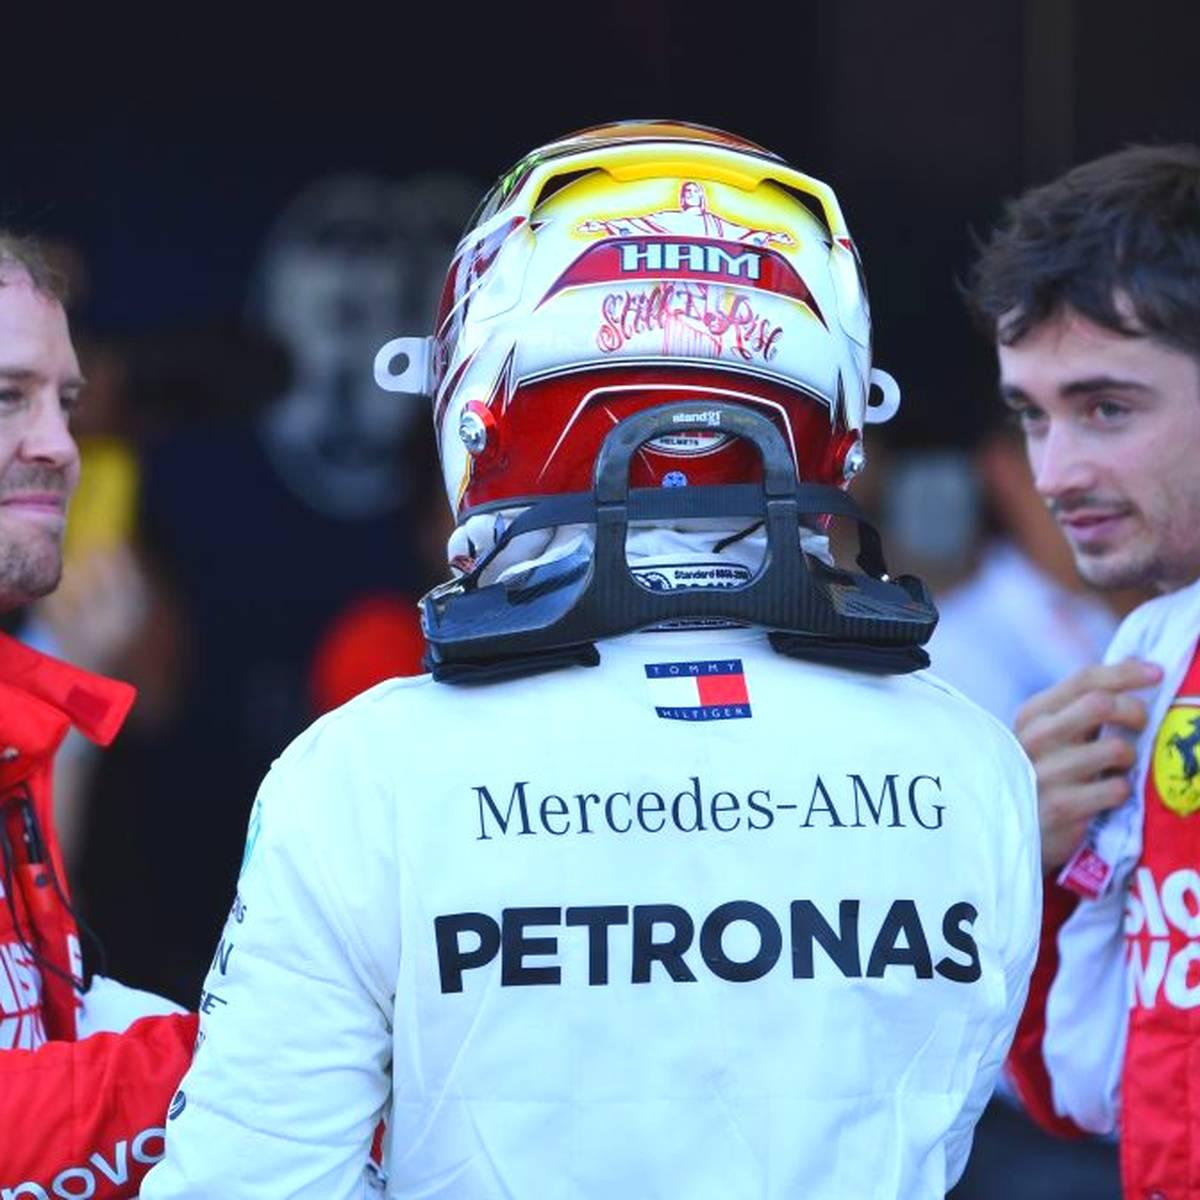 Warum Vettel doppelt chancenlos war